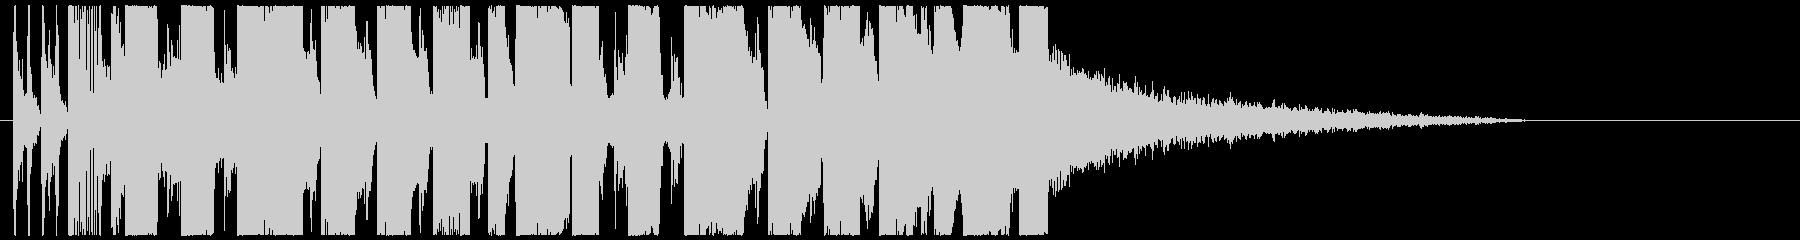 ベースがかっこいいEDM TIKTOKの未再生の波形